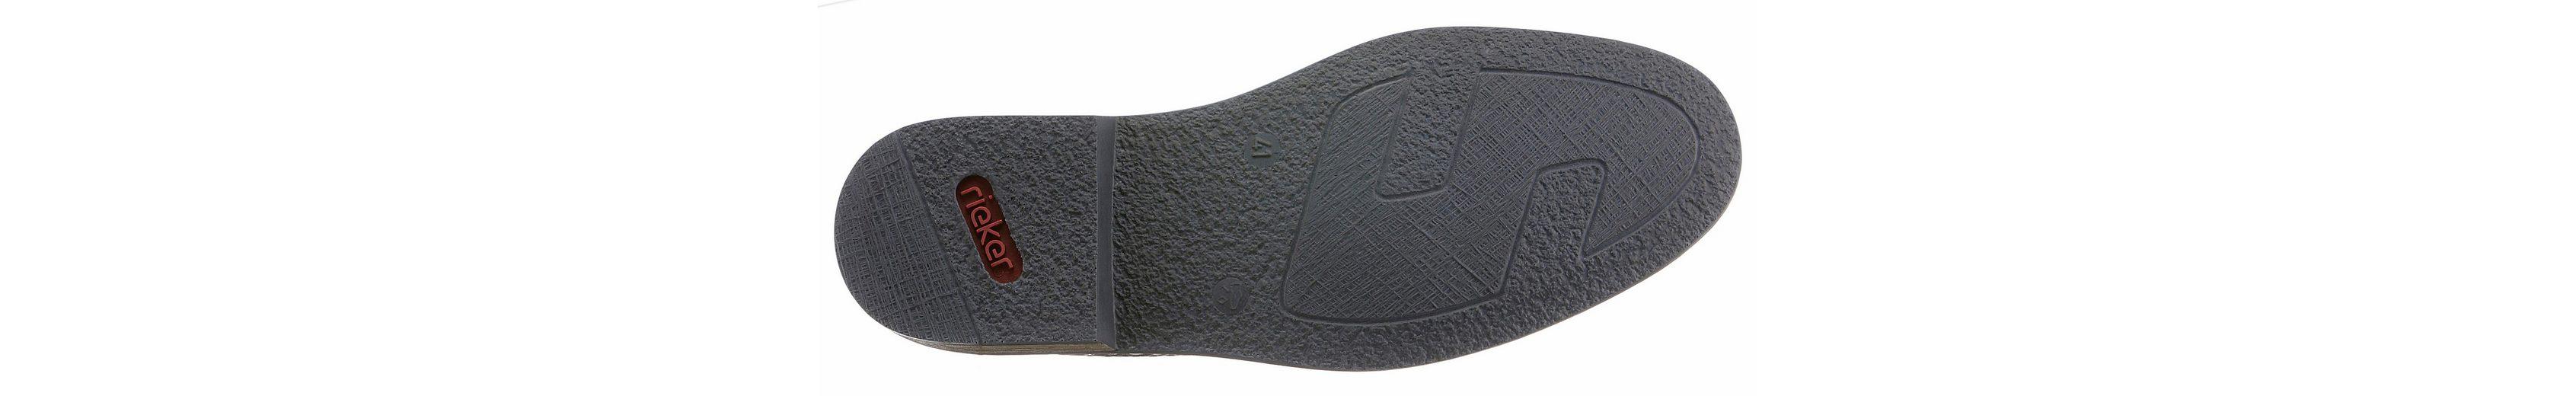 Rieker Slipper, mit modischer Perforierung